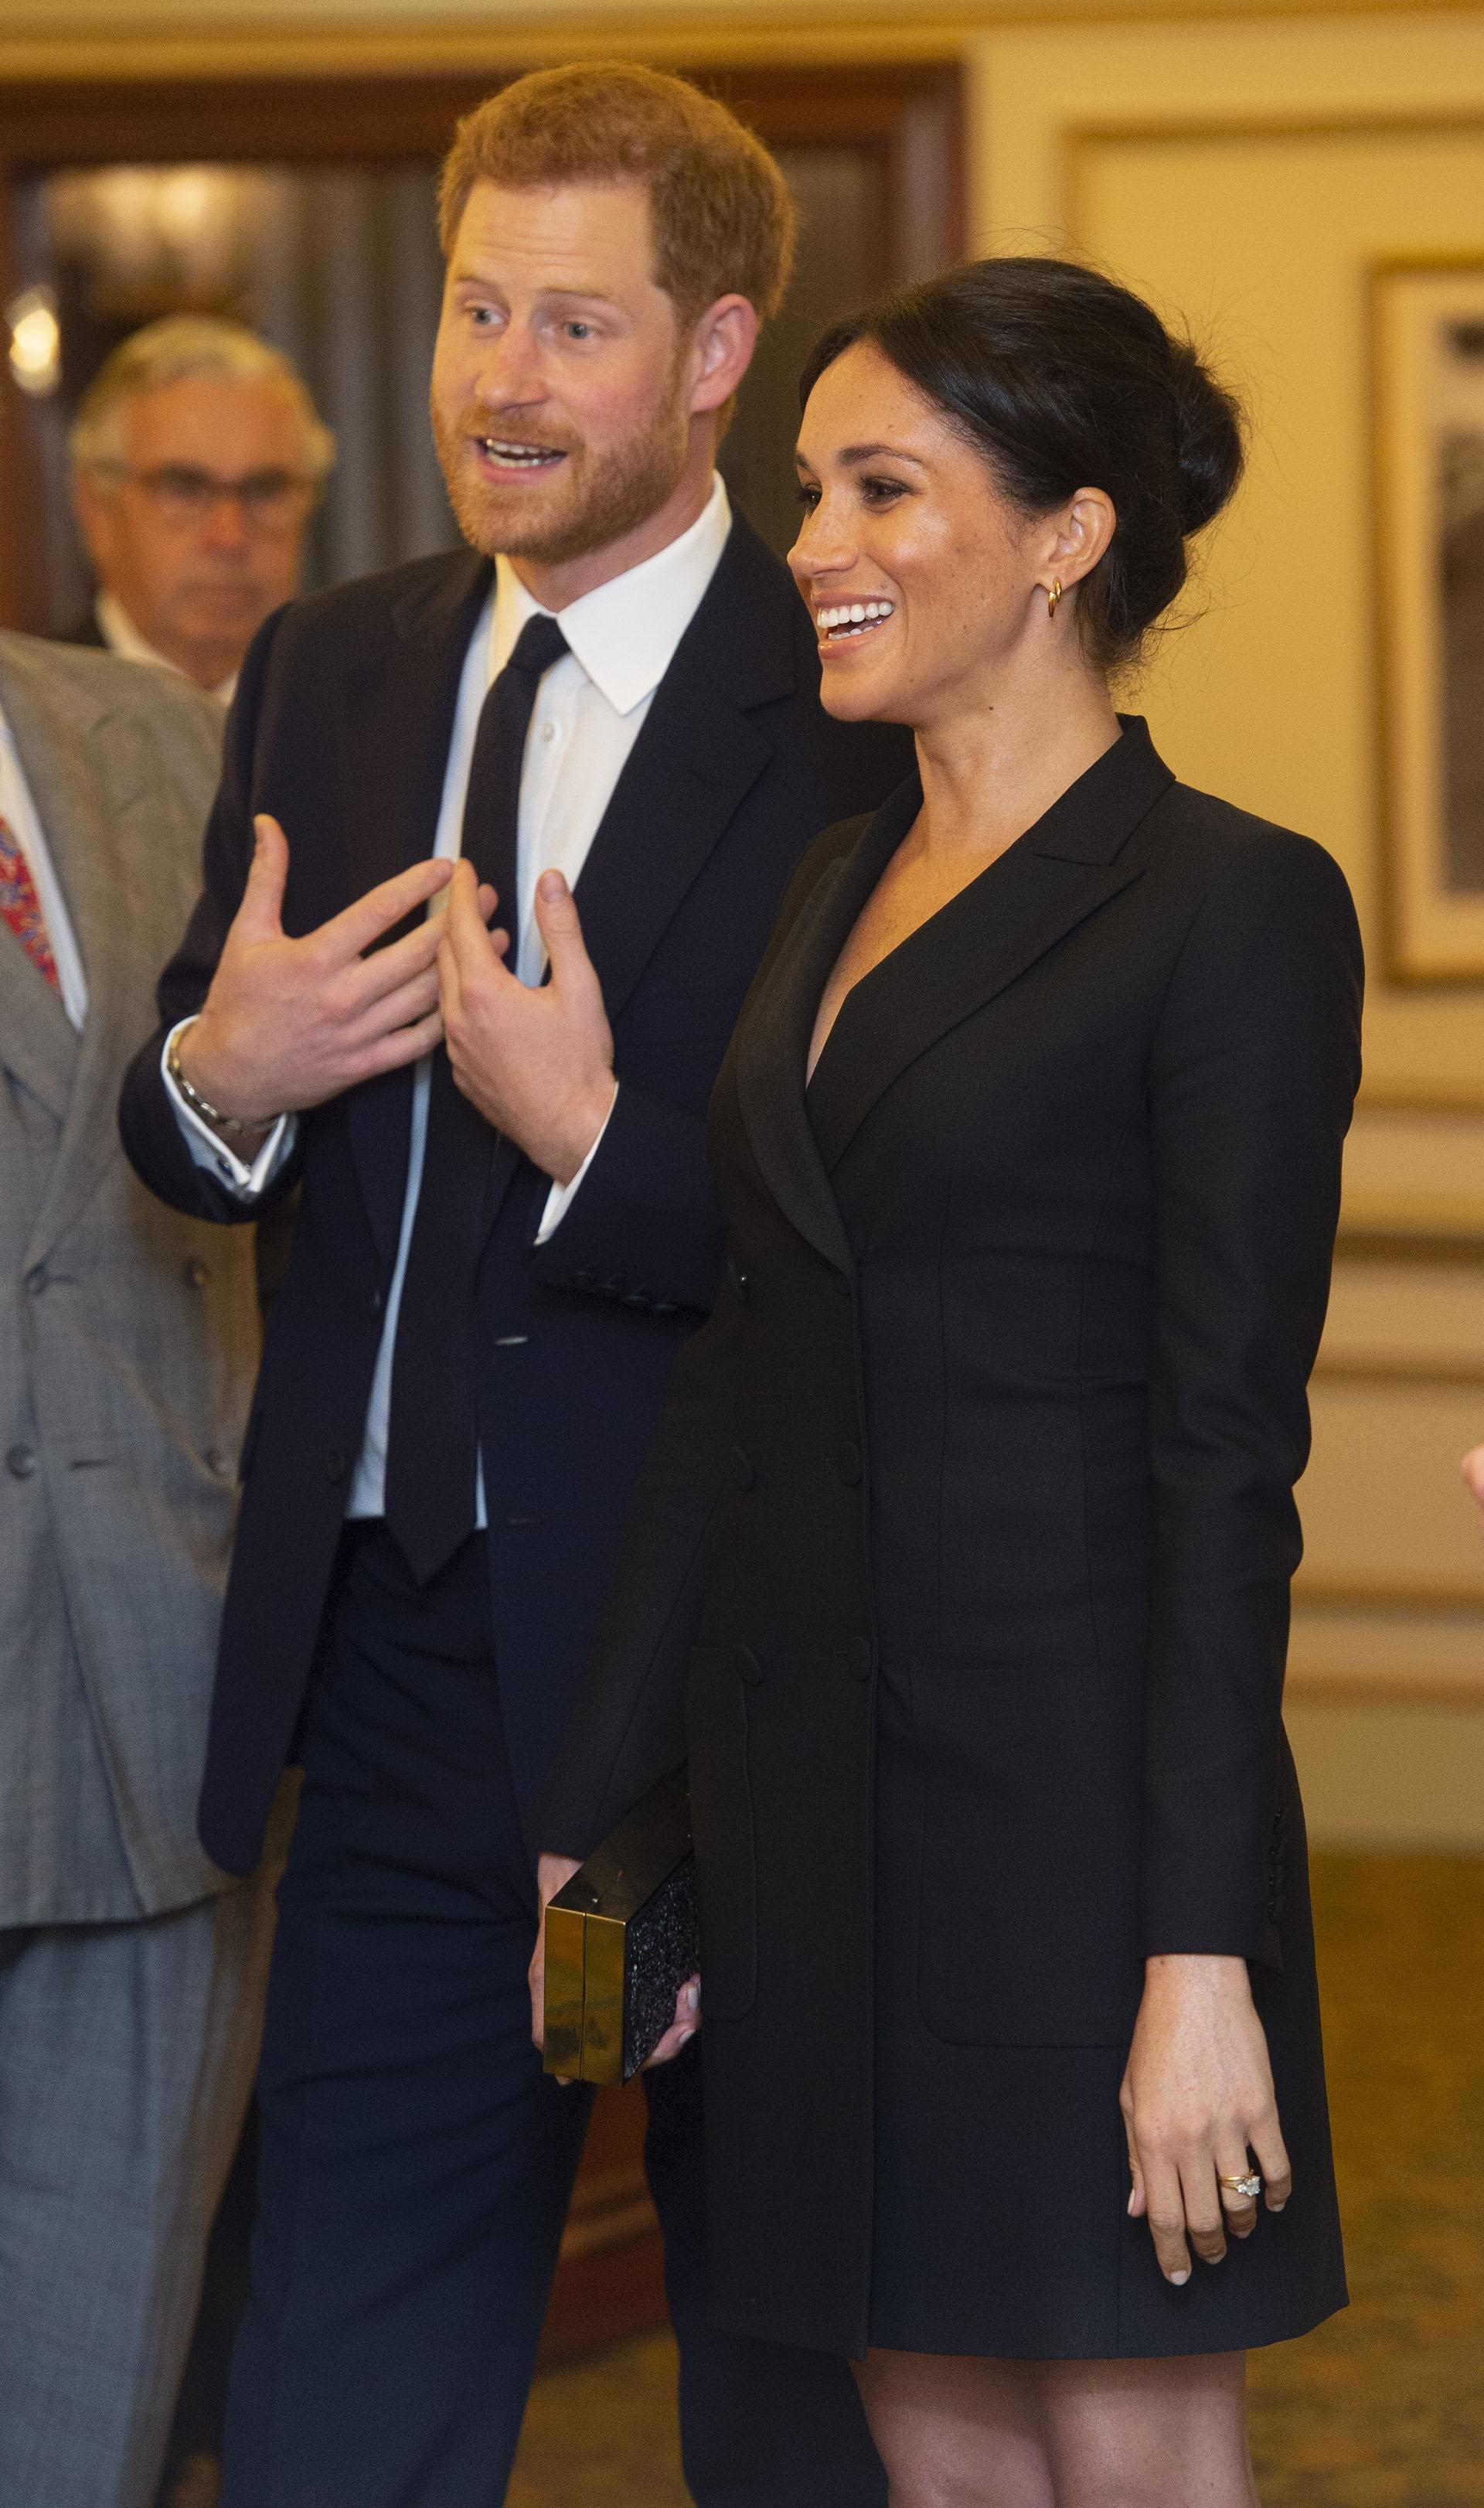 Desde su casamiento, la pareja se volvió inseparable y se acompañan mutuamente en cada aparición pública /// Fotos: AFP